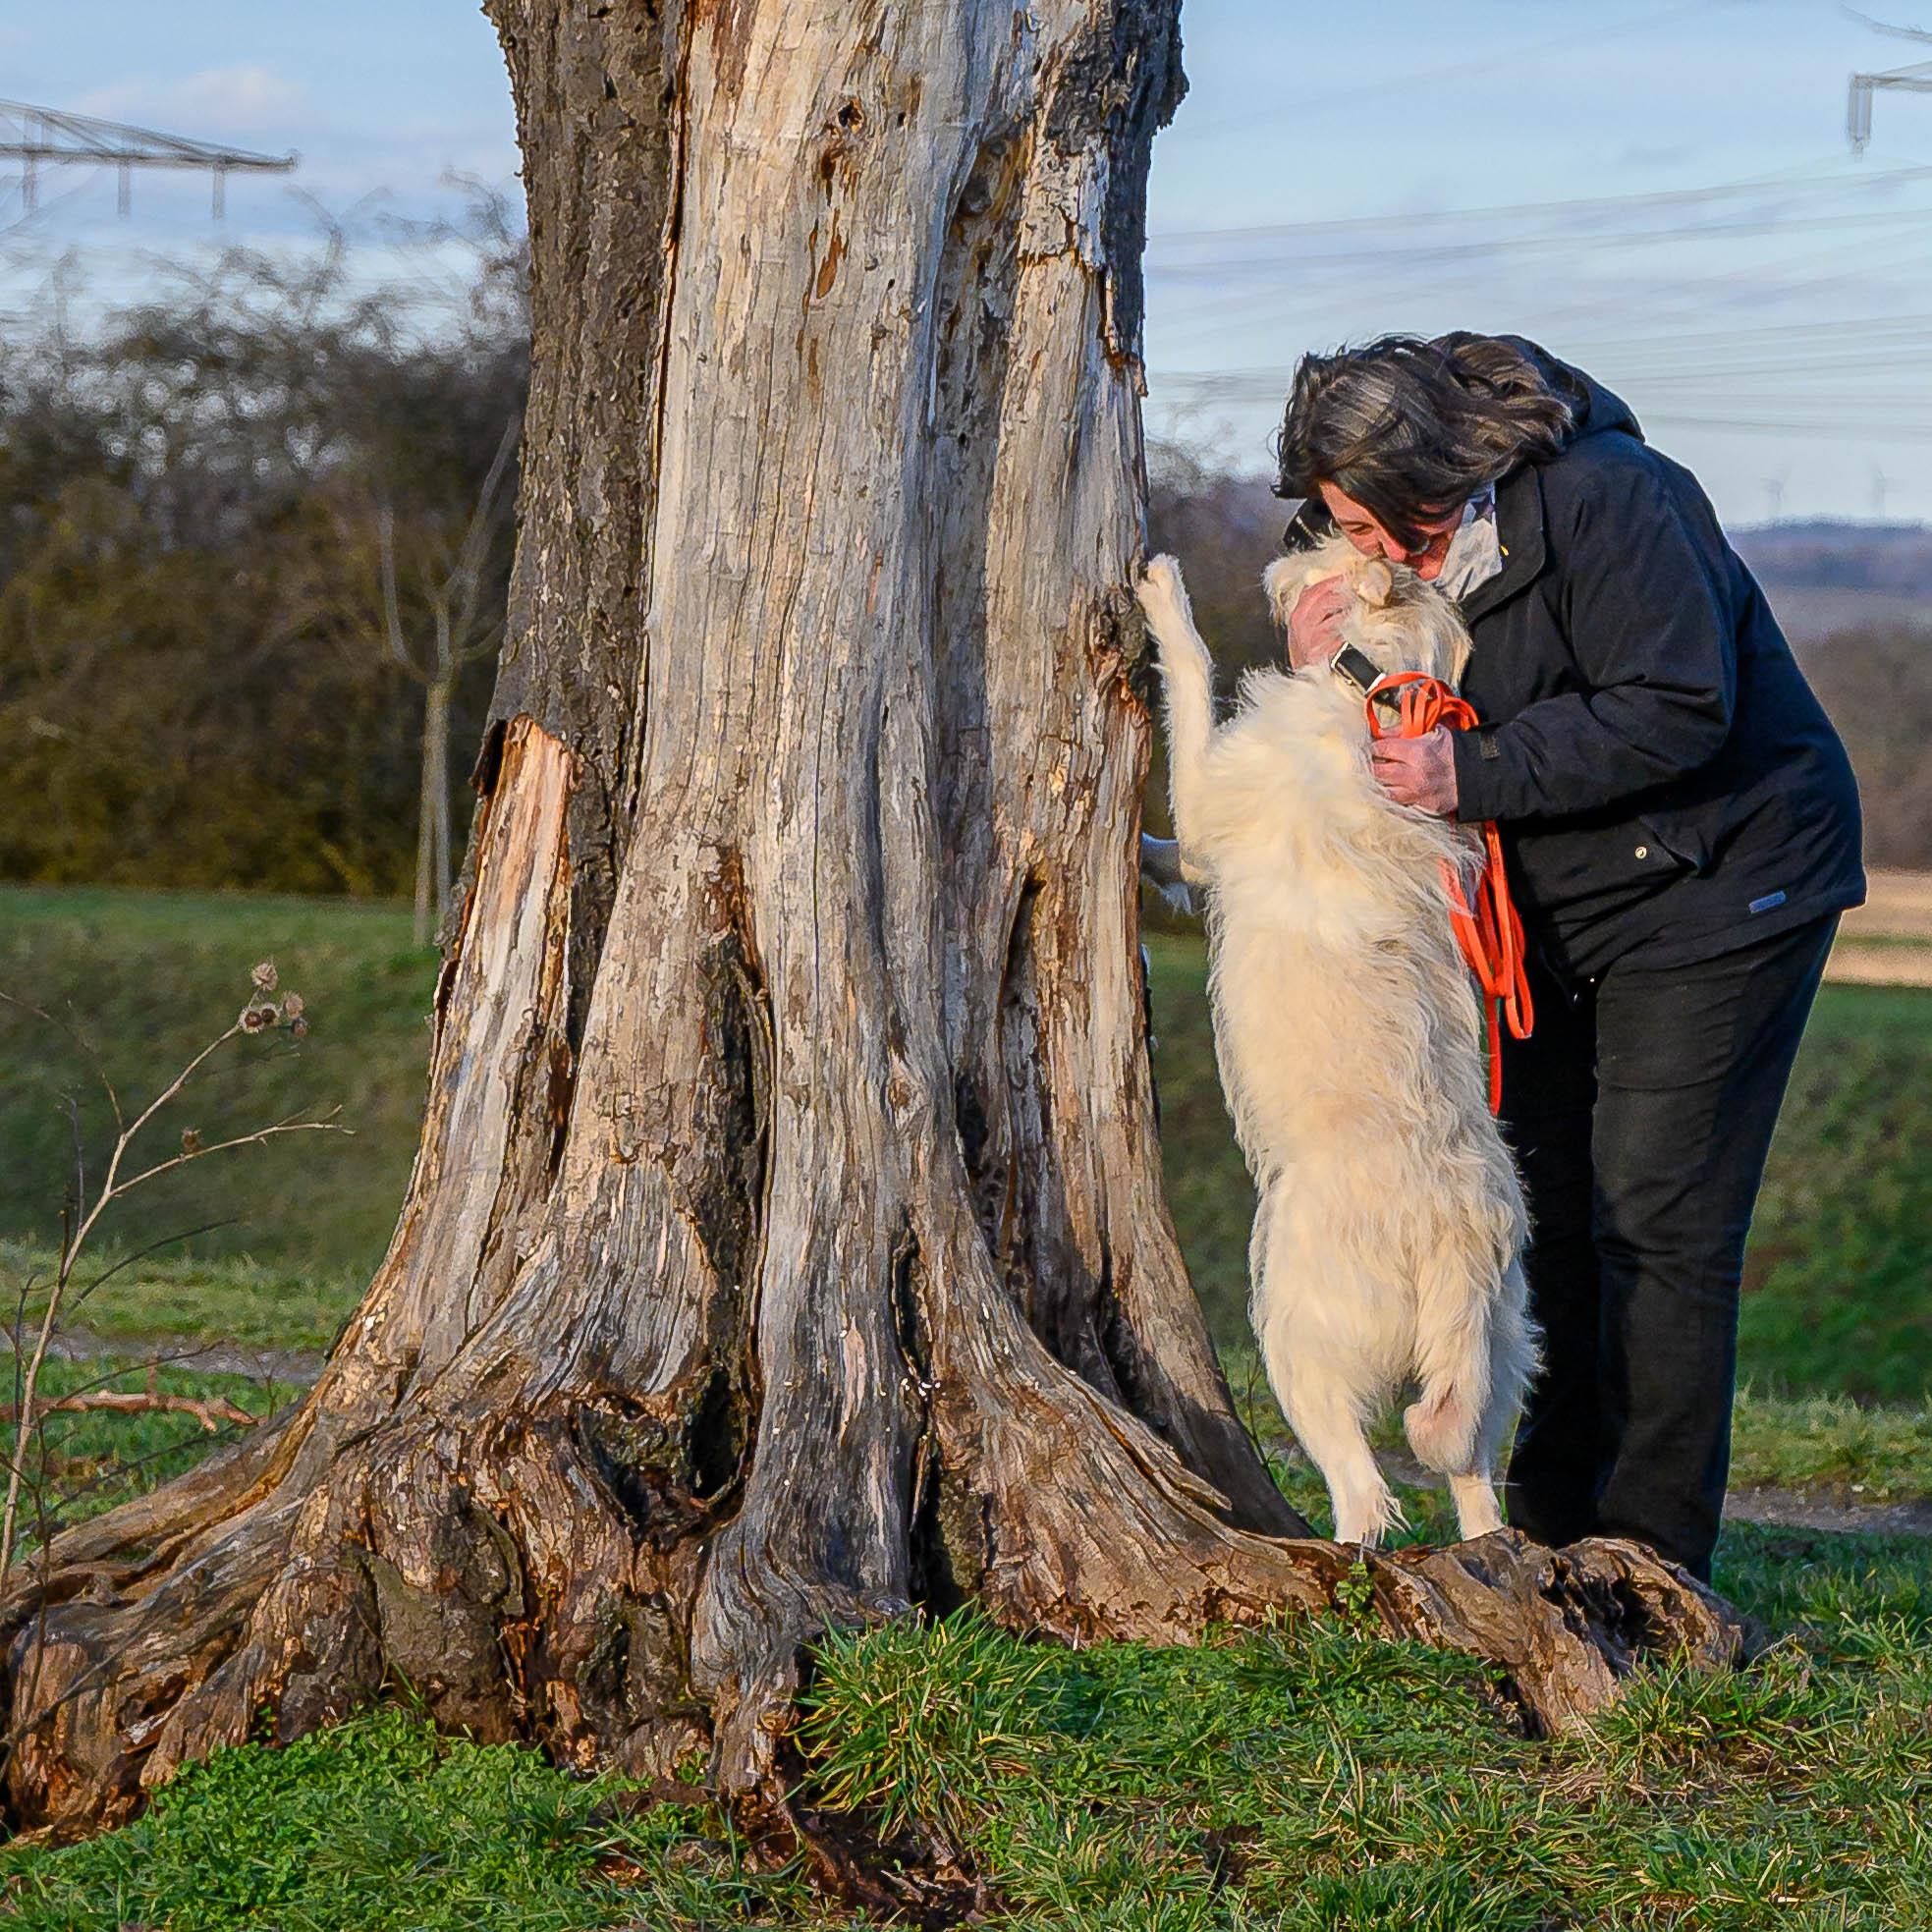 Mensch umarmt liebevoll Hund, der an Baum hochsteht